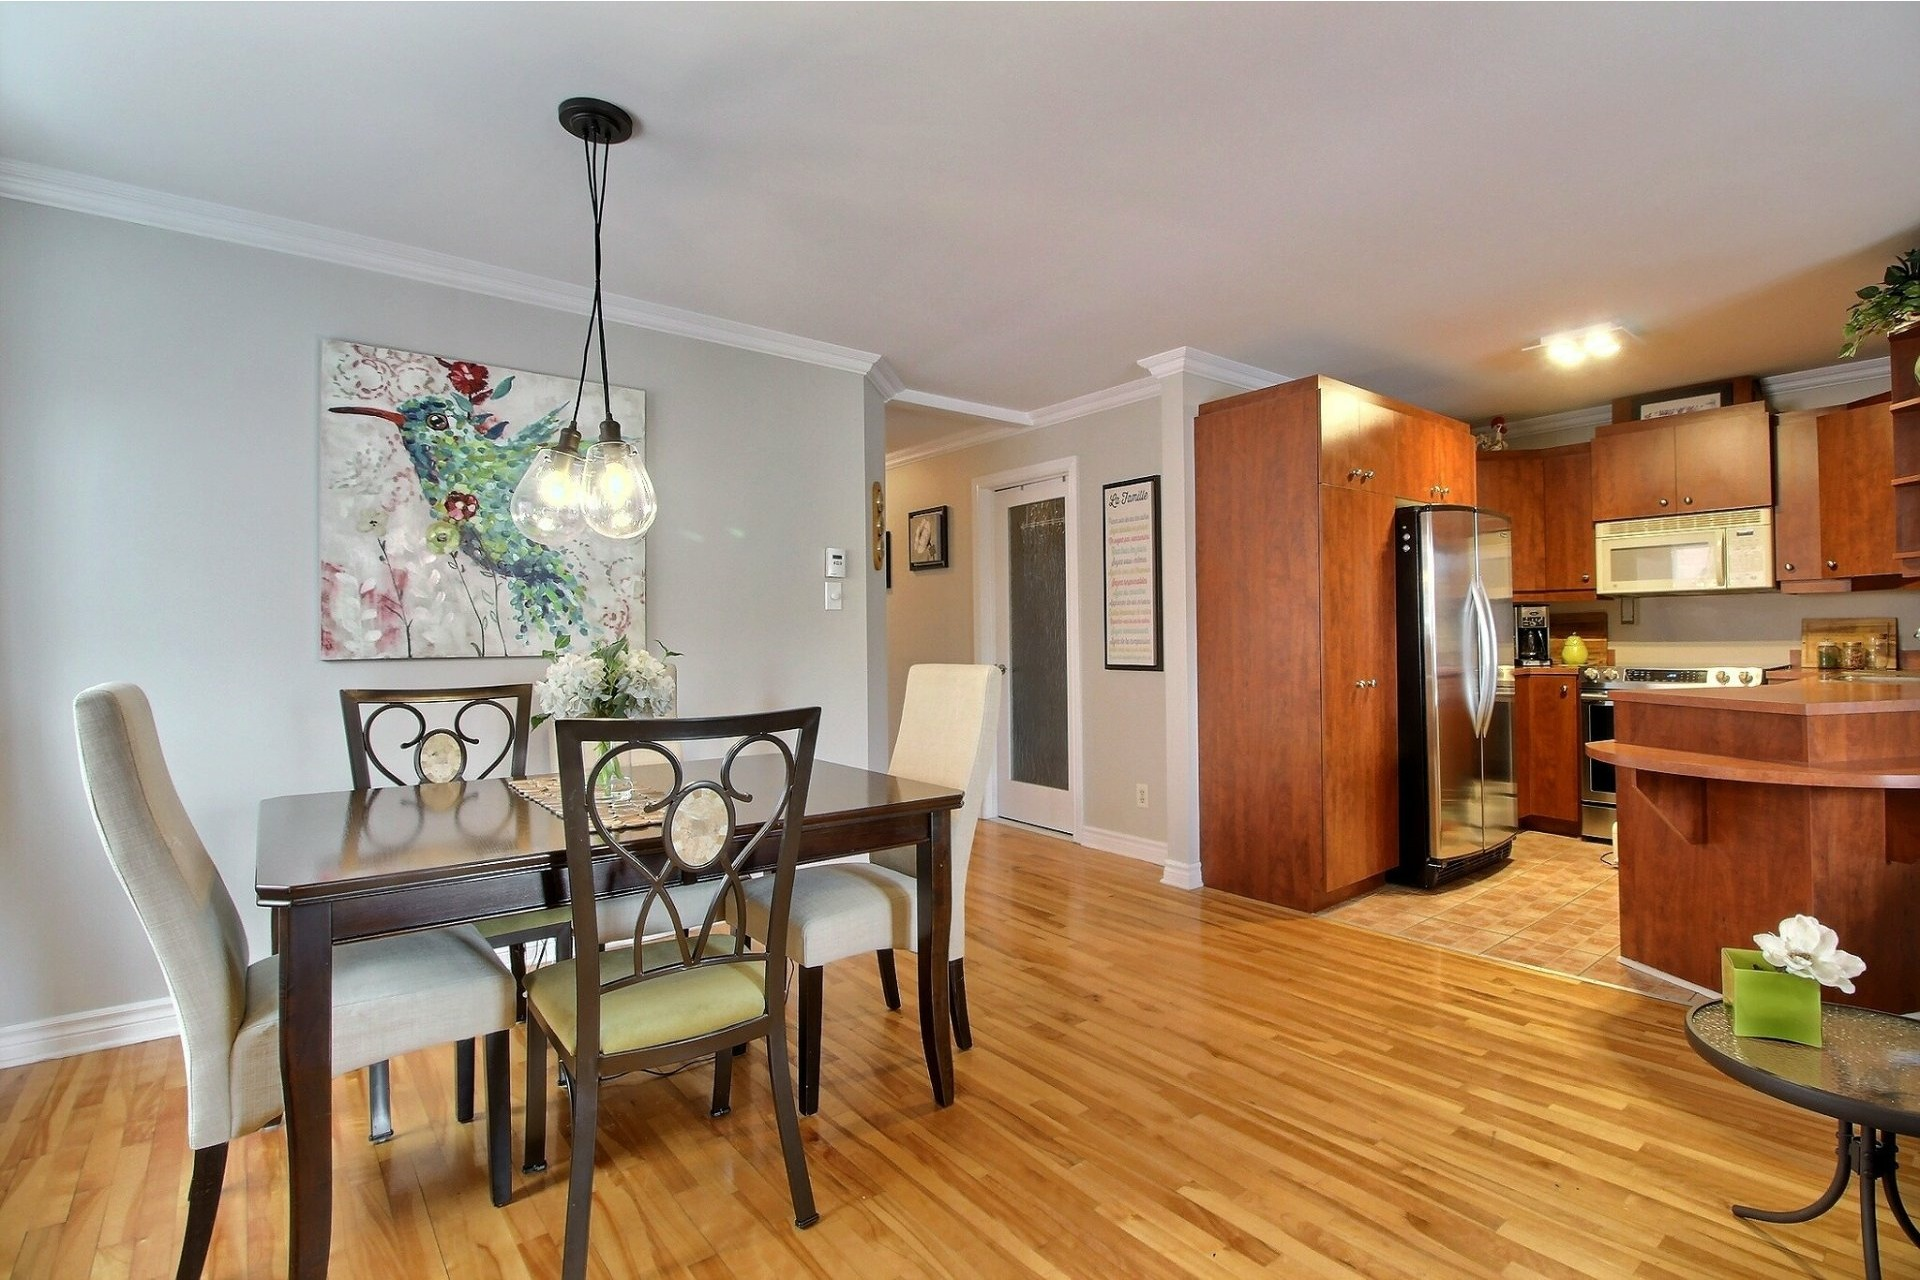 image 7 - Appartement À vendre Rivière-des-Prairies/Pointe-aux-Trembles Montréal  - 7 pièces